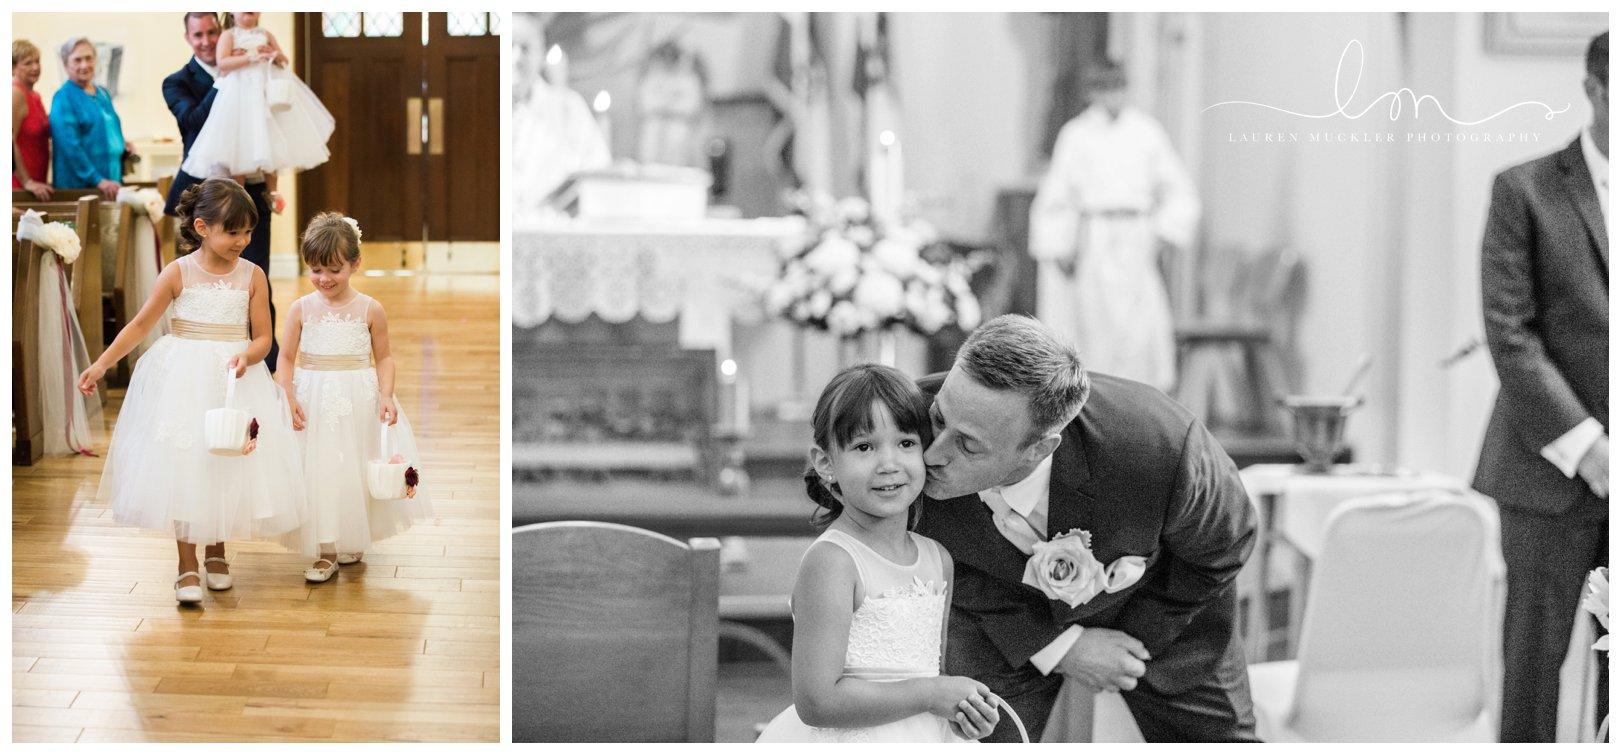 lauren muckler photography_fine art film wedding photography_st louis_photography_0487.jpg